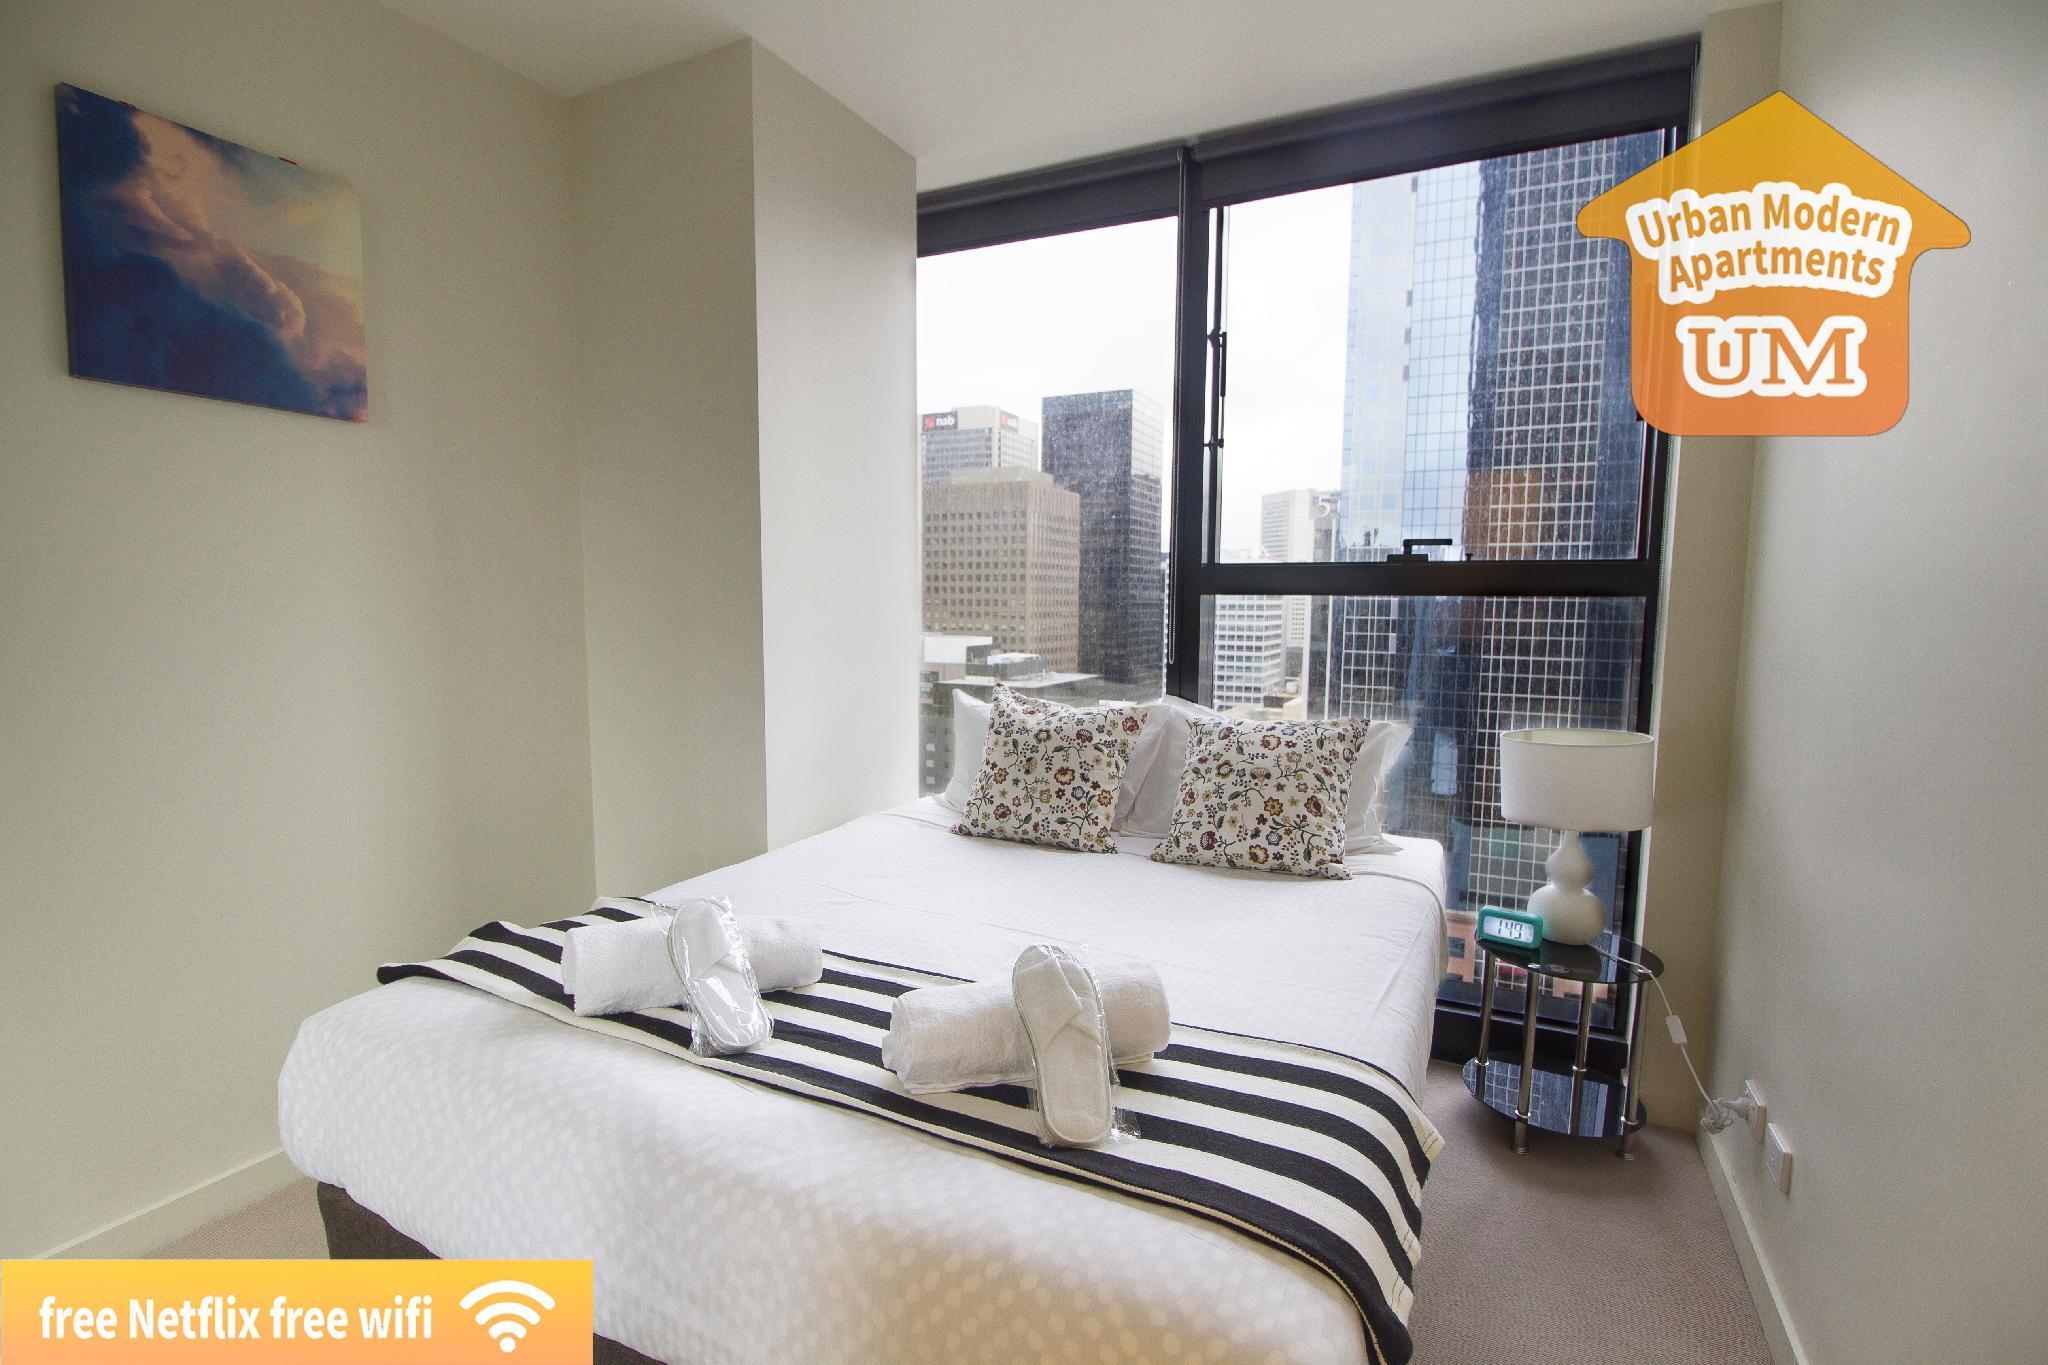 Urban Modern Interior Design: Best Price On Urban Modern Serviced Apartments In